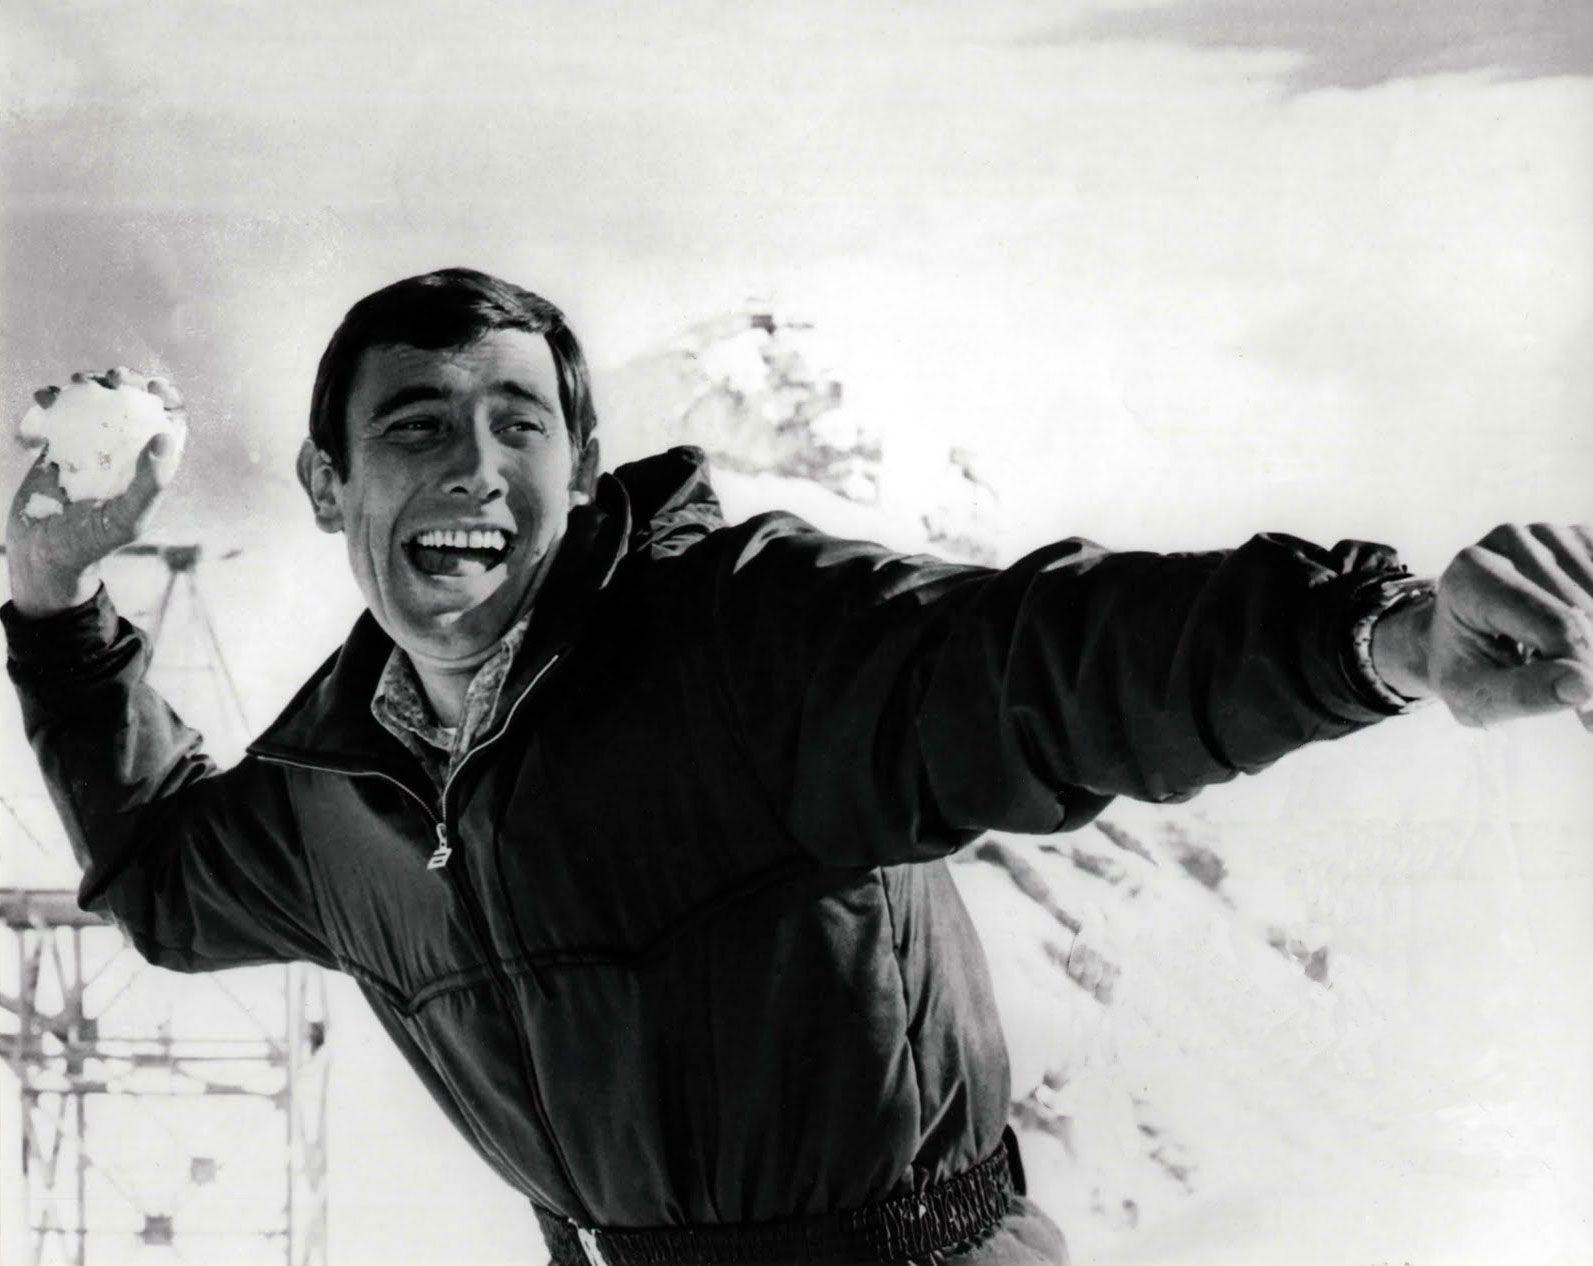 George Lazenby pudo haber sidoo James Bond mucho tiempo de haber jugado bien sus cartas. No fue así. Solo duró una película.